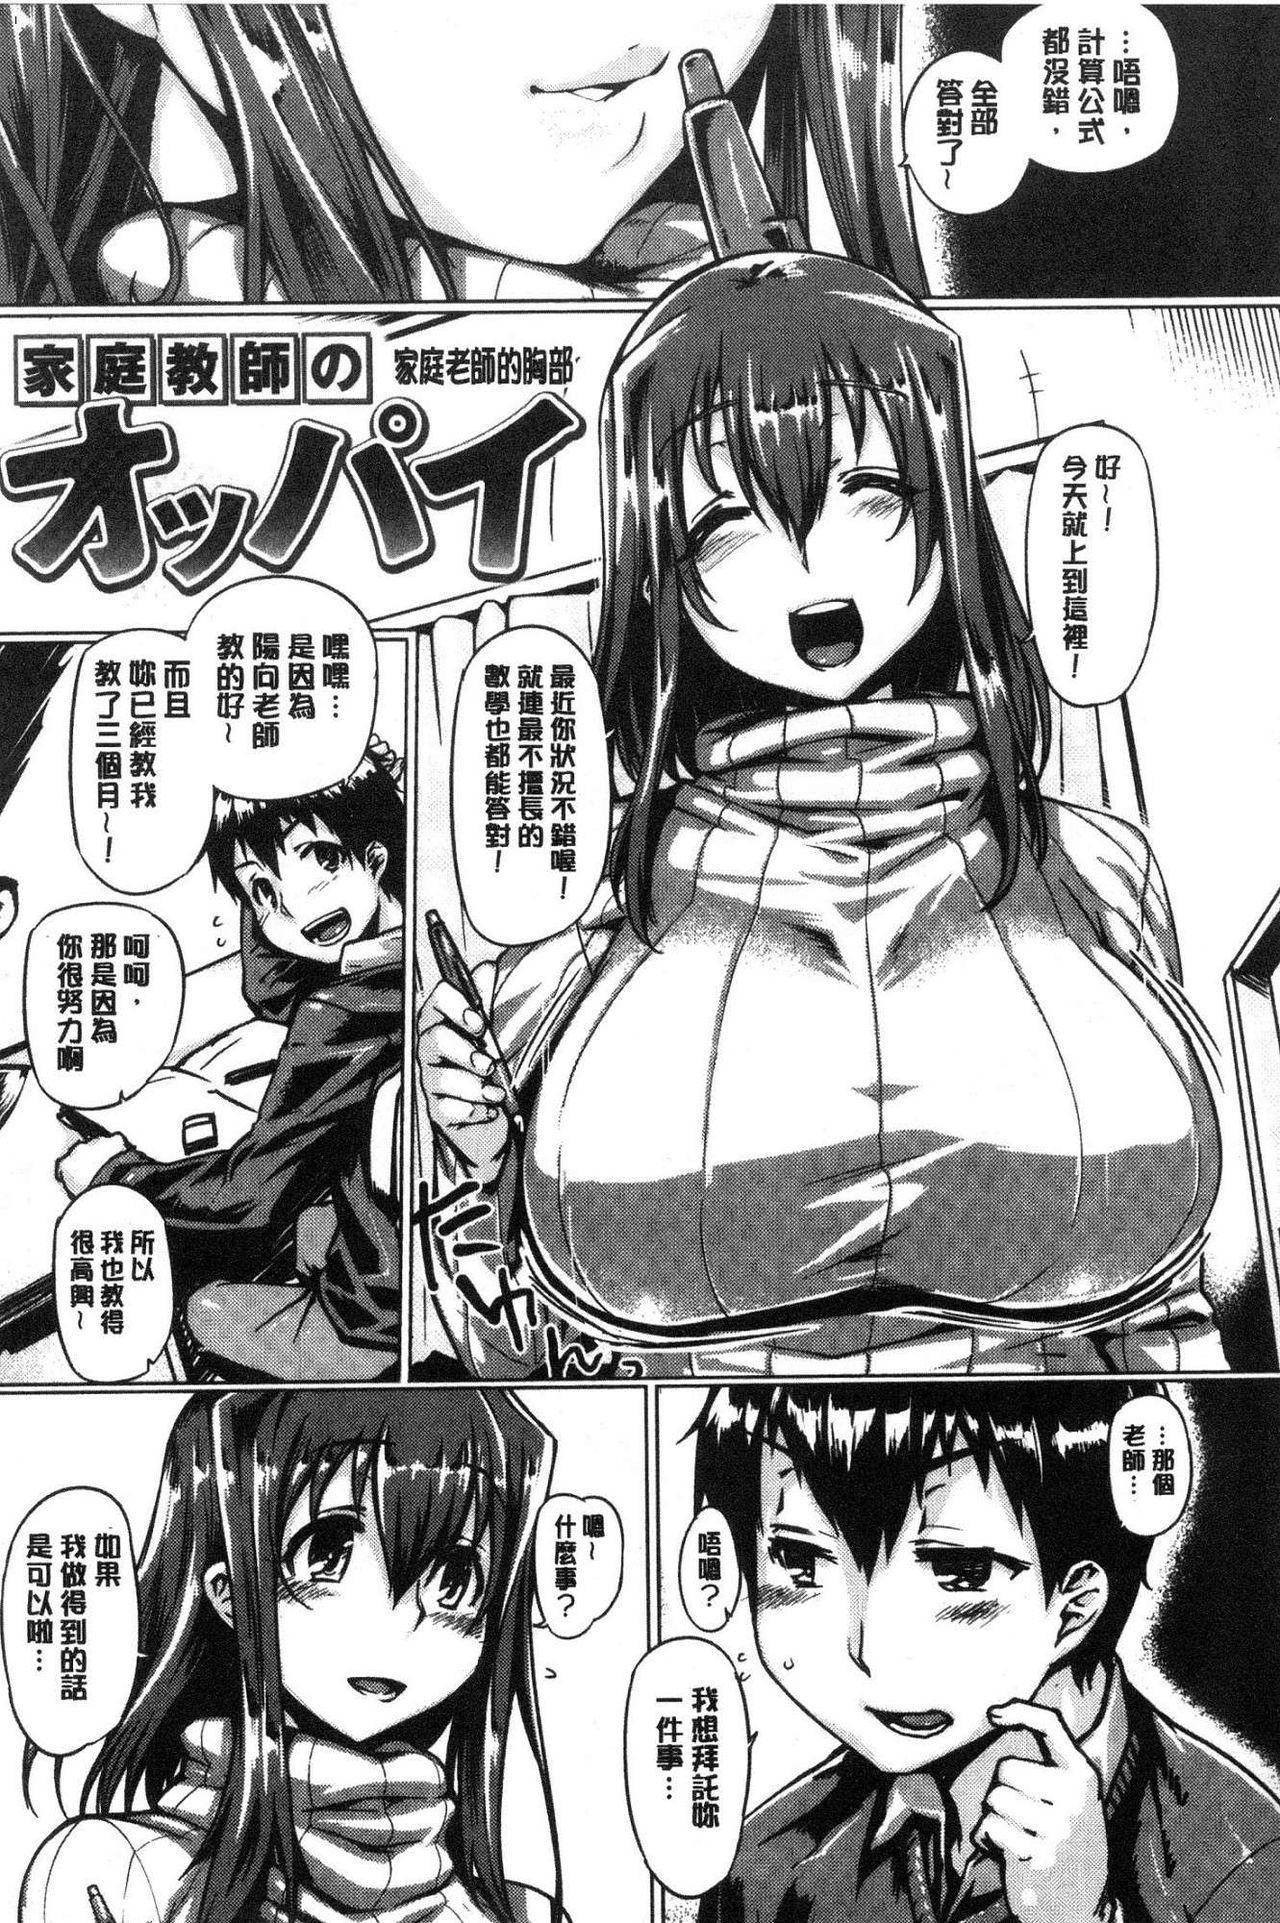 Chichi Shiri Futomomo 141